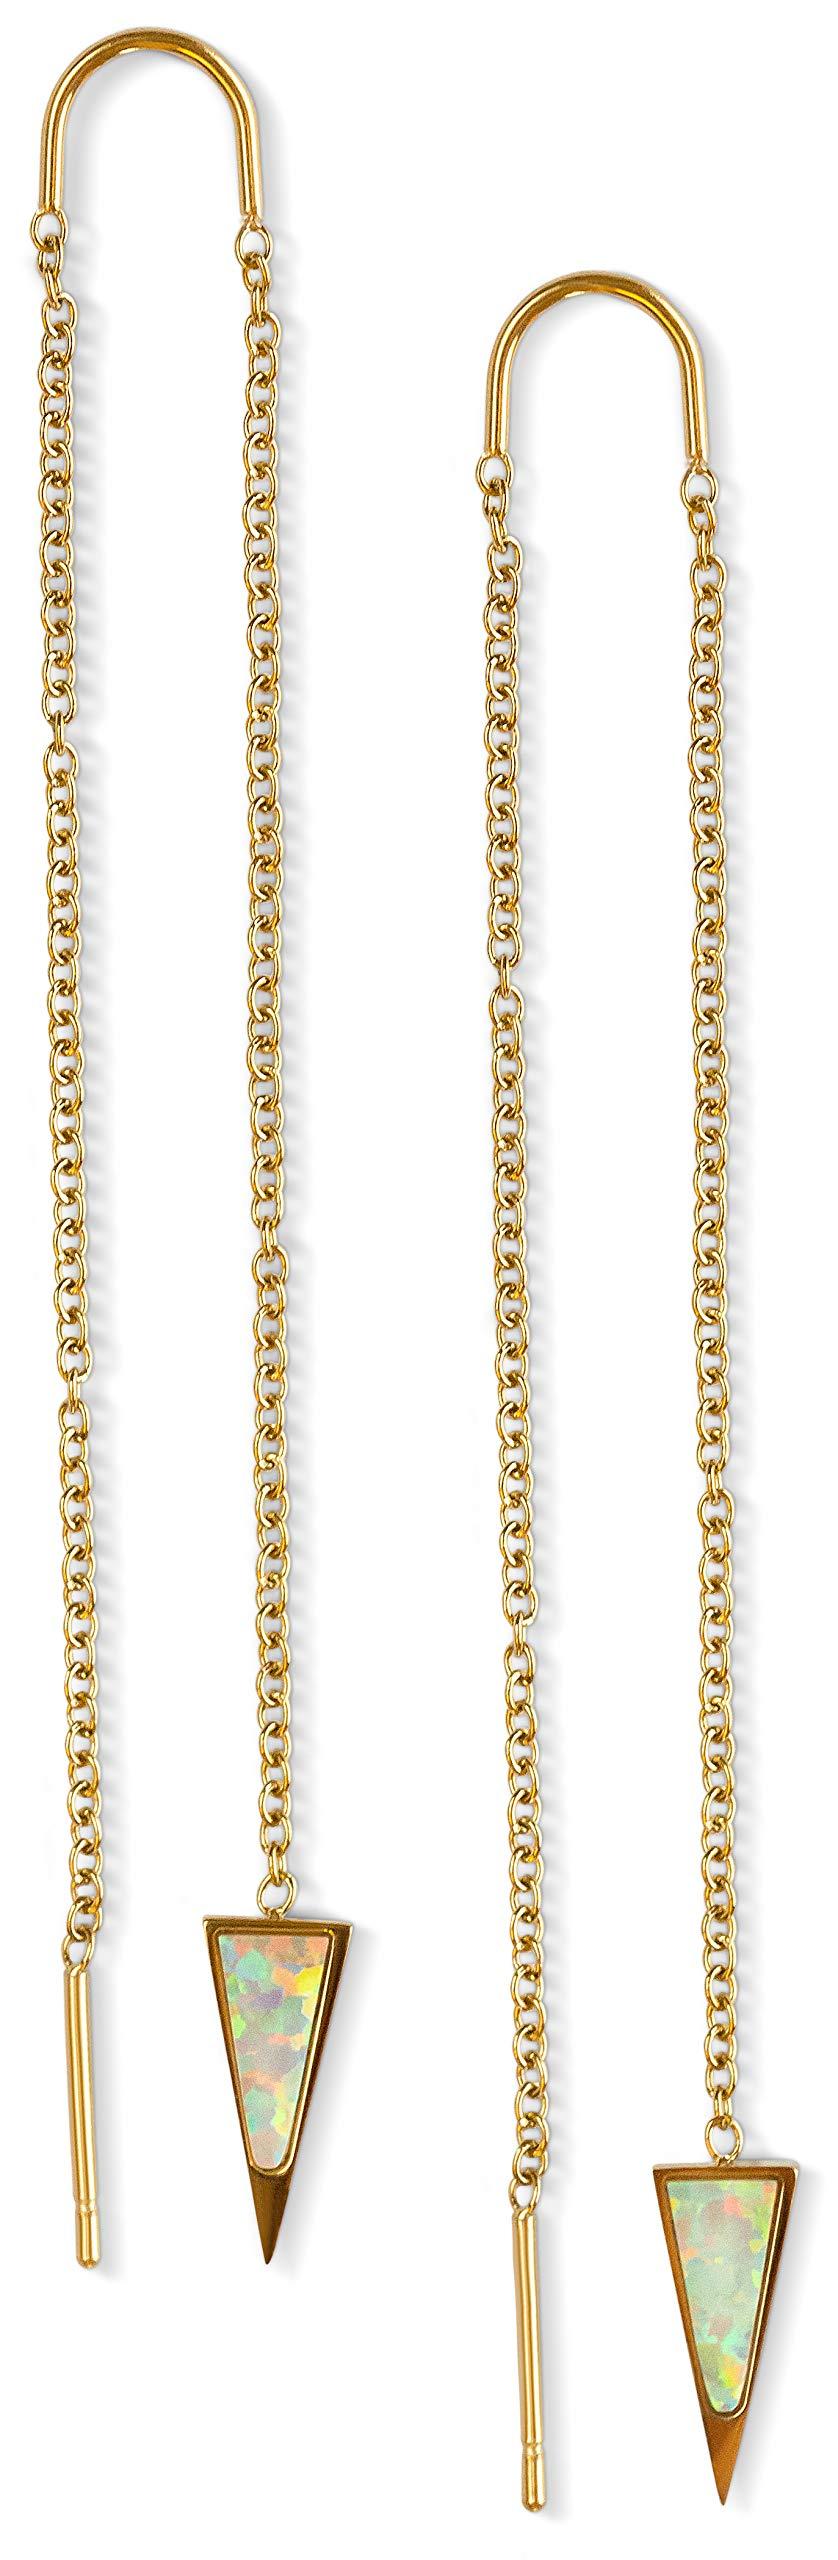 Threader Earrings Turquoise Opal Onyx - 14k Gold Dagger Threader Earring Dangle Drop Long Chain Earring for Women Nickel Free Hypoallergenic Thread Earring Celebrity Approved (Opal Dagger) by Benevolence LA